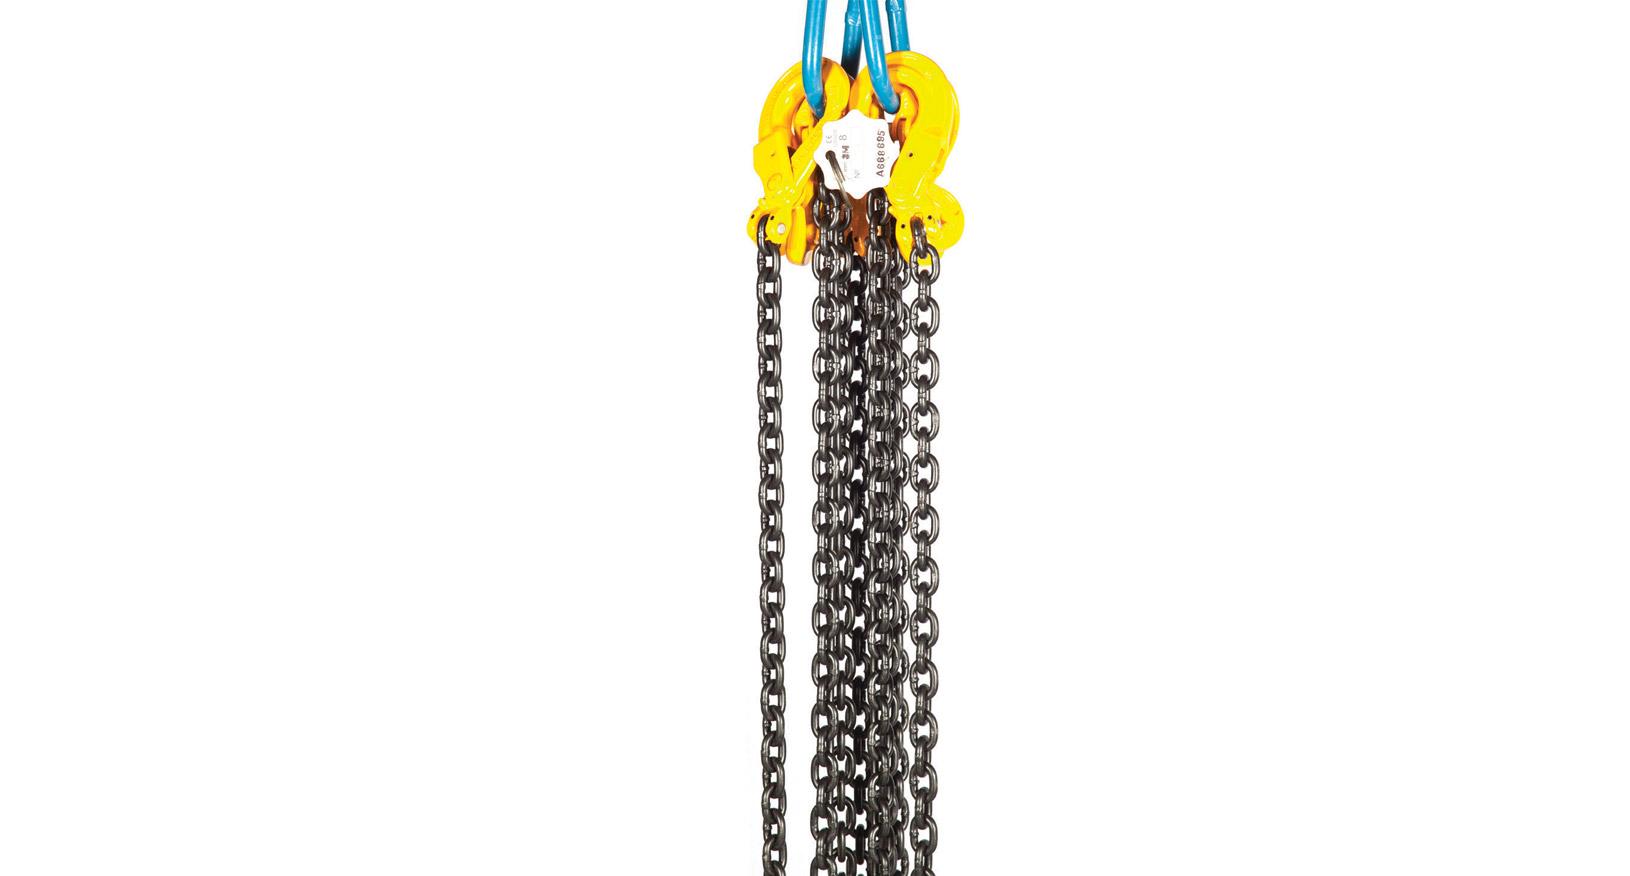 4.2T 10mm 2 Leg Chain 6-9M